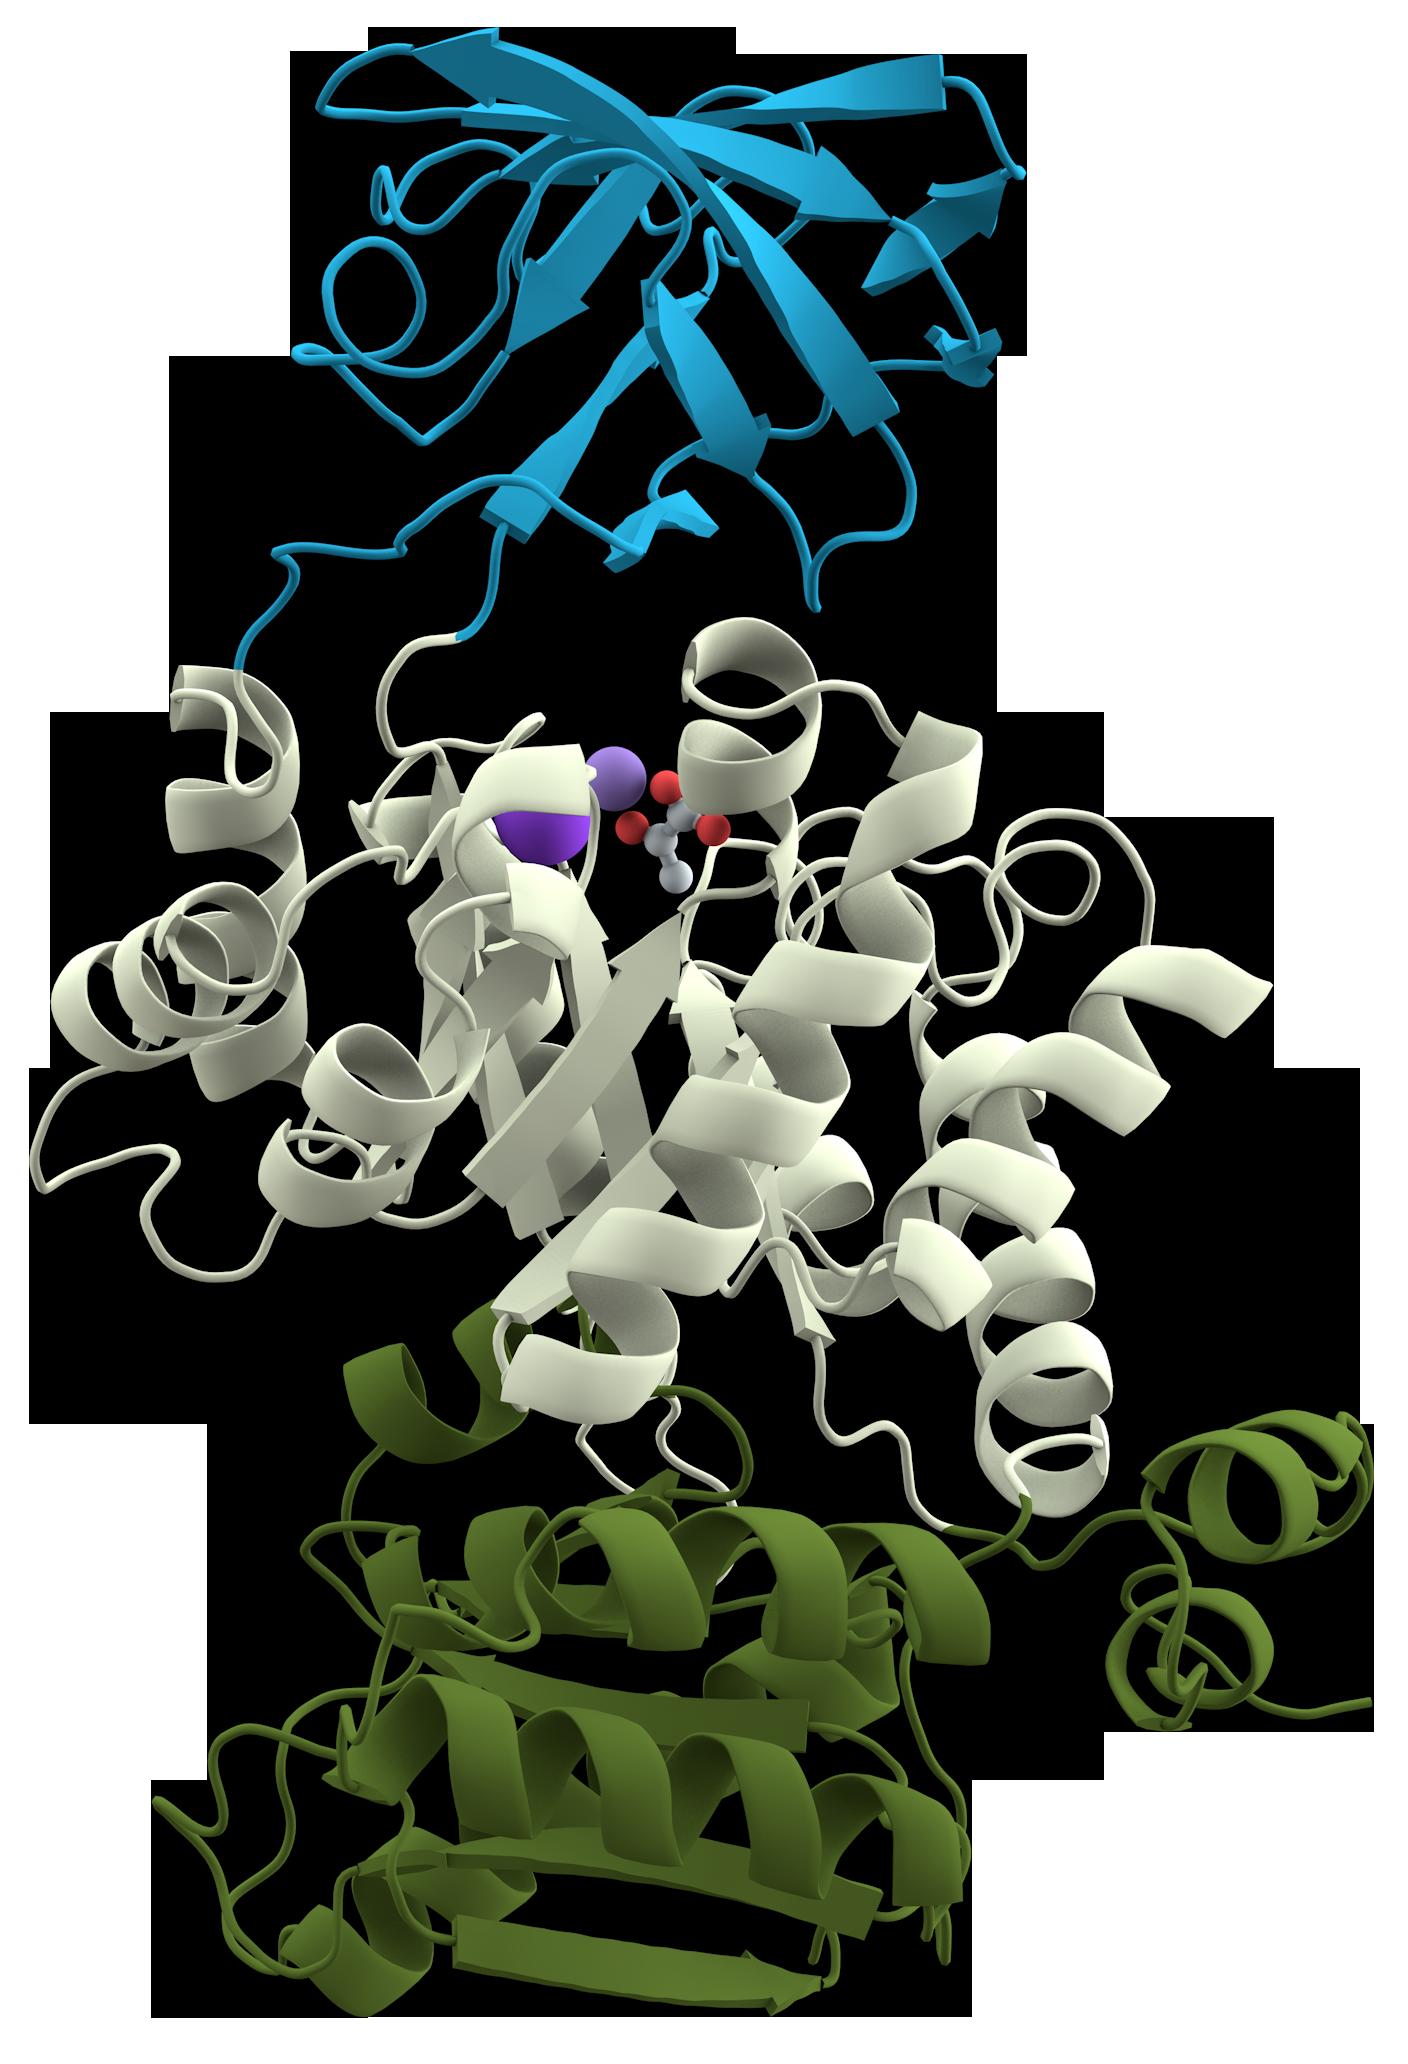 Pyruvate kinase - Wikipedia